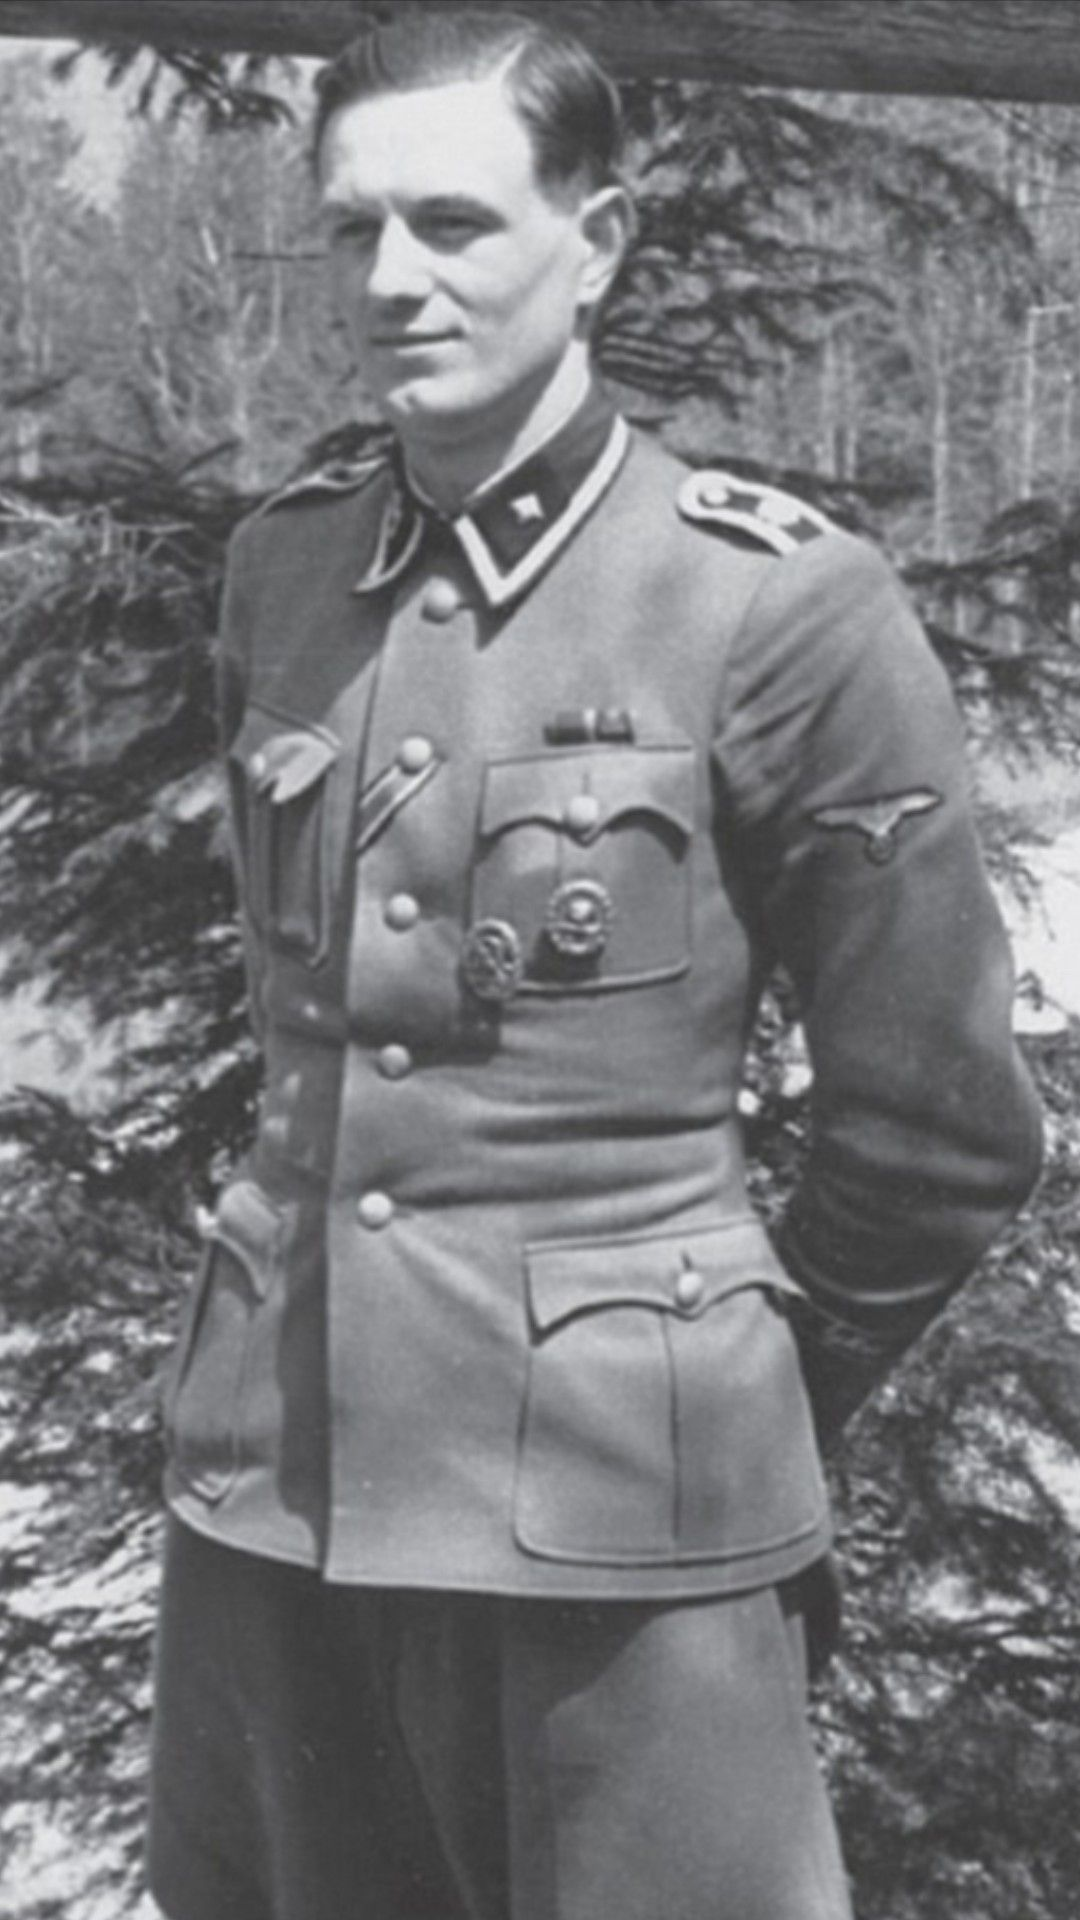 Rochus Misch Iii Reich Pinterest Wwii German And World War